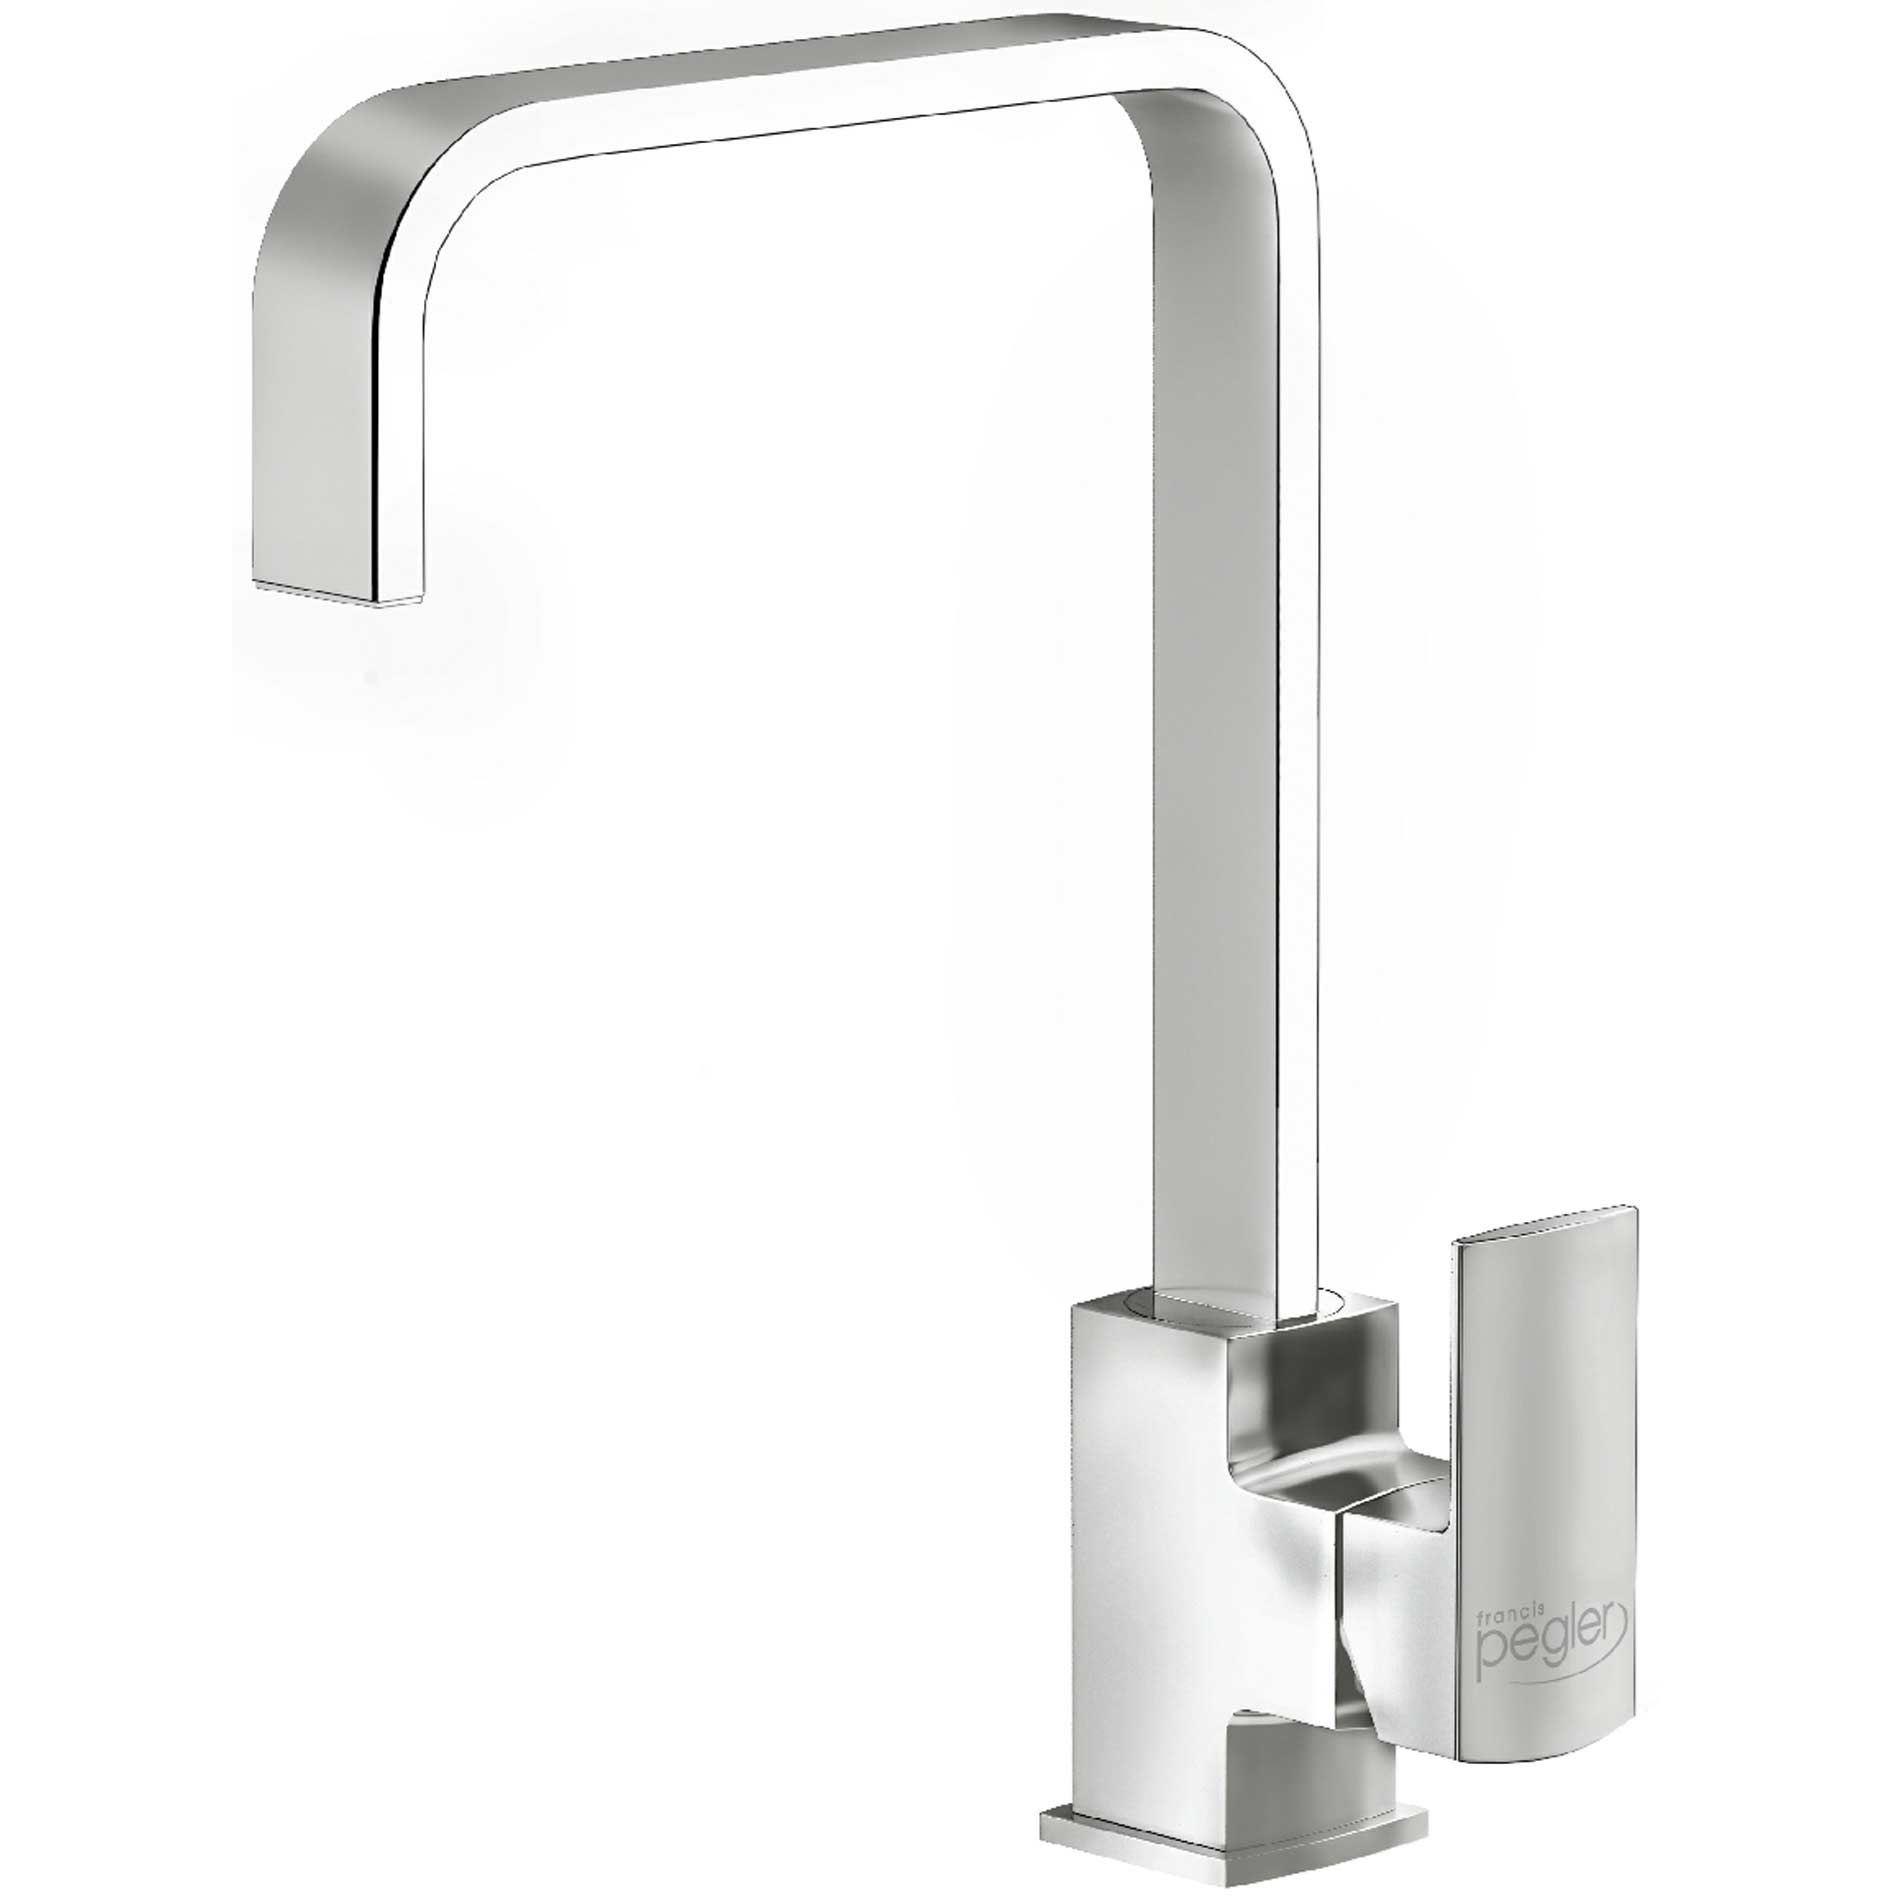 Reginox Astoria Chrome Tap Kitchen Sinks Taps